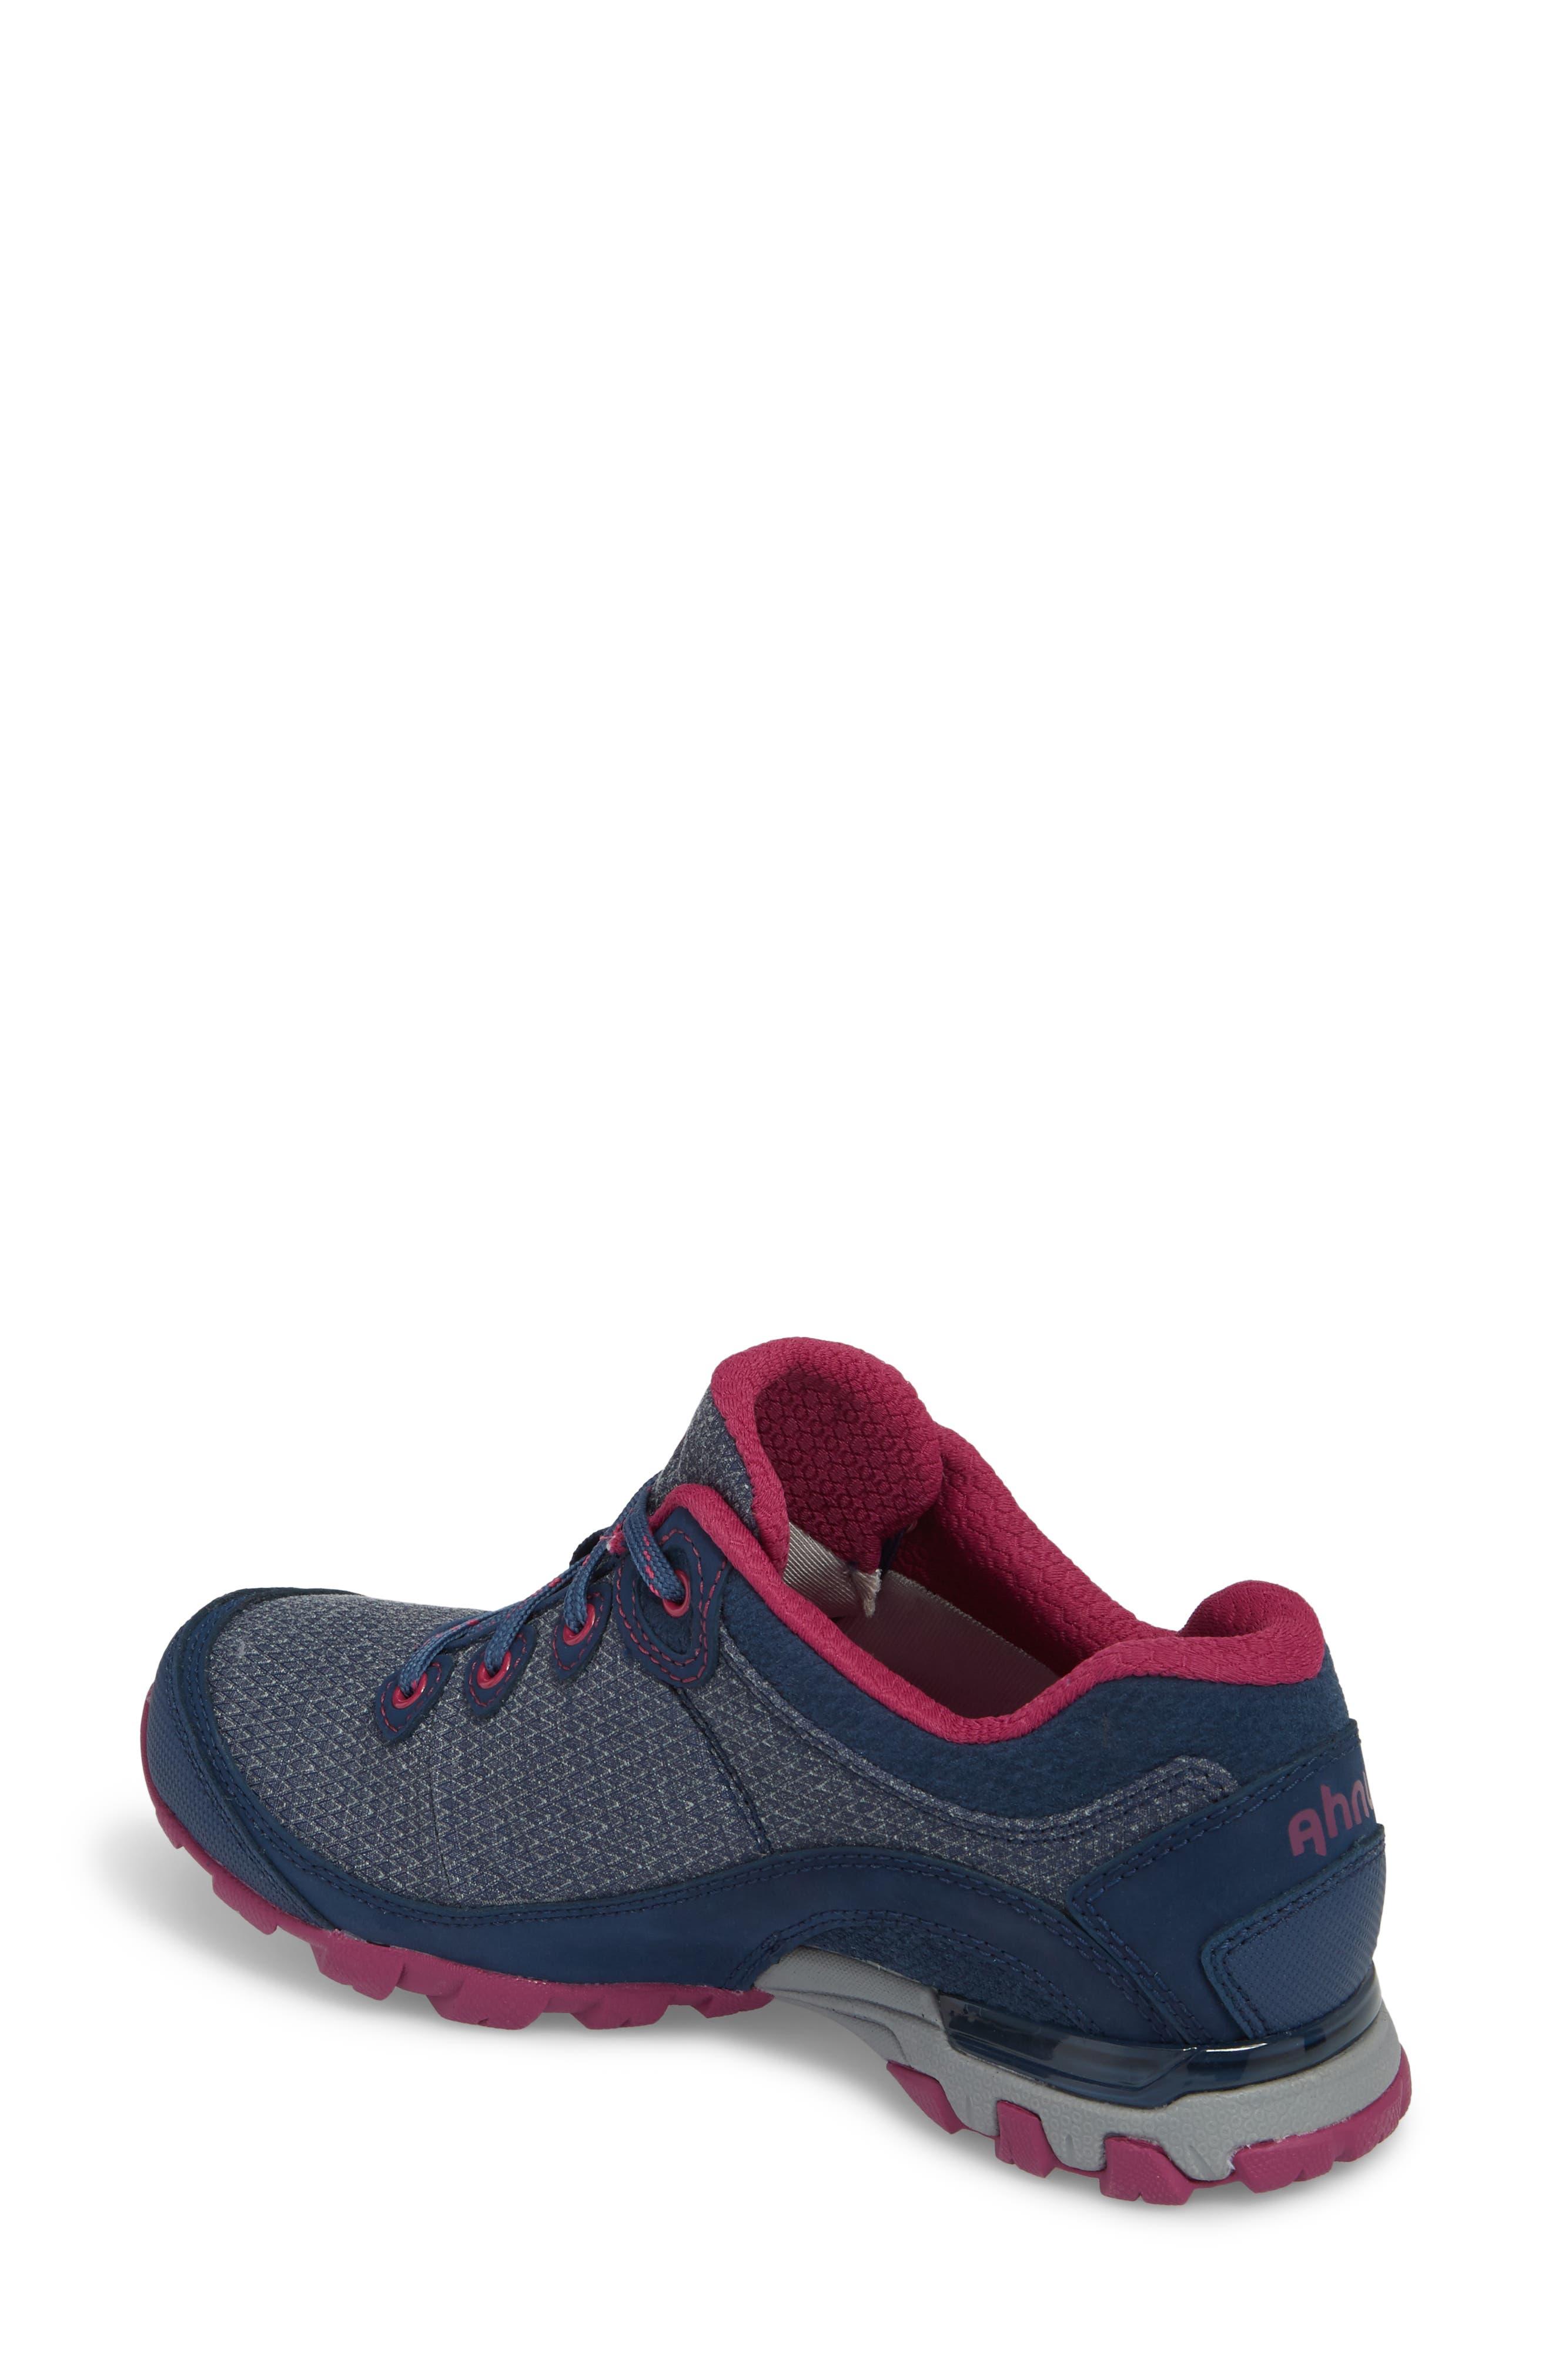 Ahnu by Teva Sugarpine II Waterproof Hiking Sneaker,                             Alternate thumbnail 2, color,                             INSIGNIA BLUE